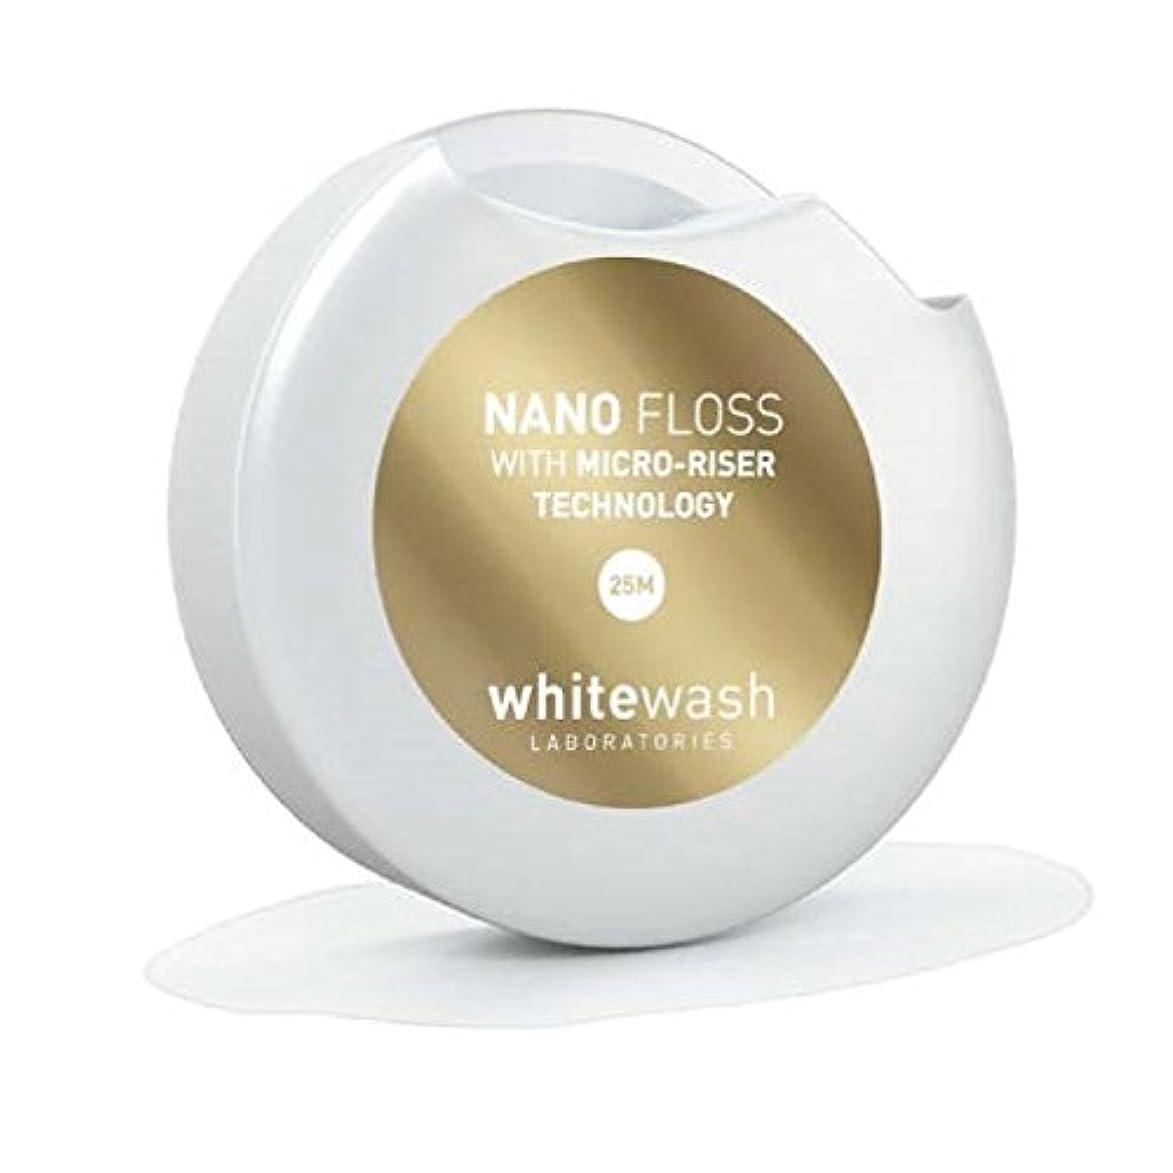 大量予見する手術ホワイトウォッシュ ラボラトリーズ   高級 高品質 デンタル フロス   ナノ フロス マイクロライザー テクノロジー   25メートル